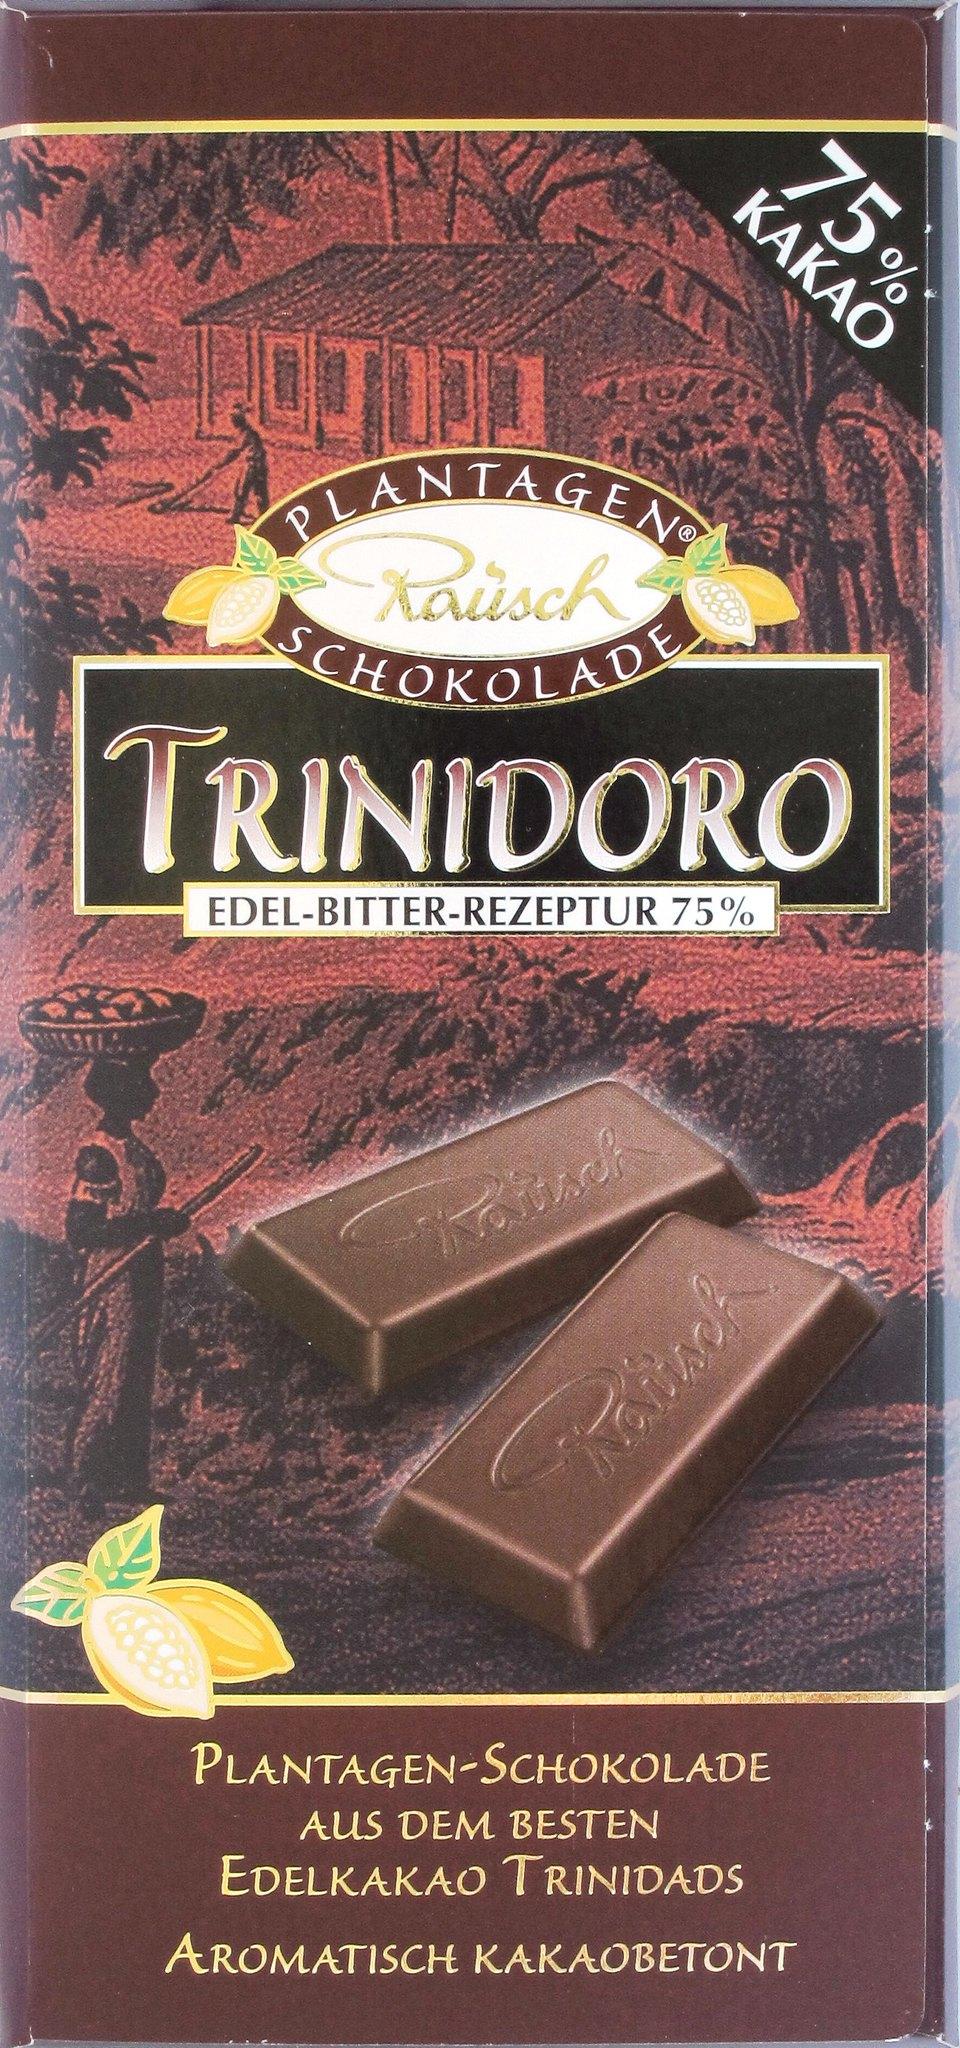 Rausch Trinidoro